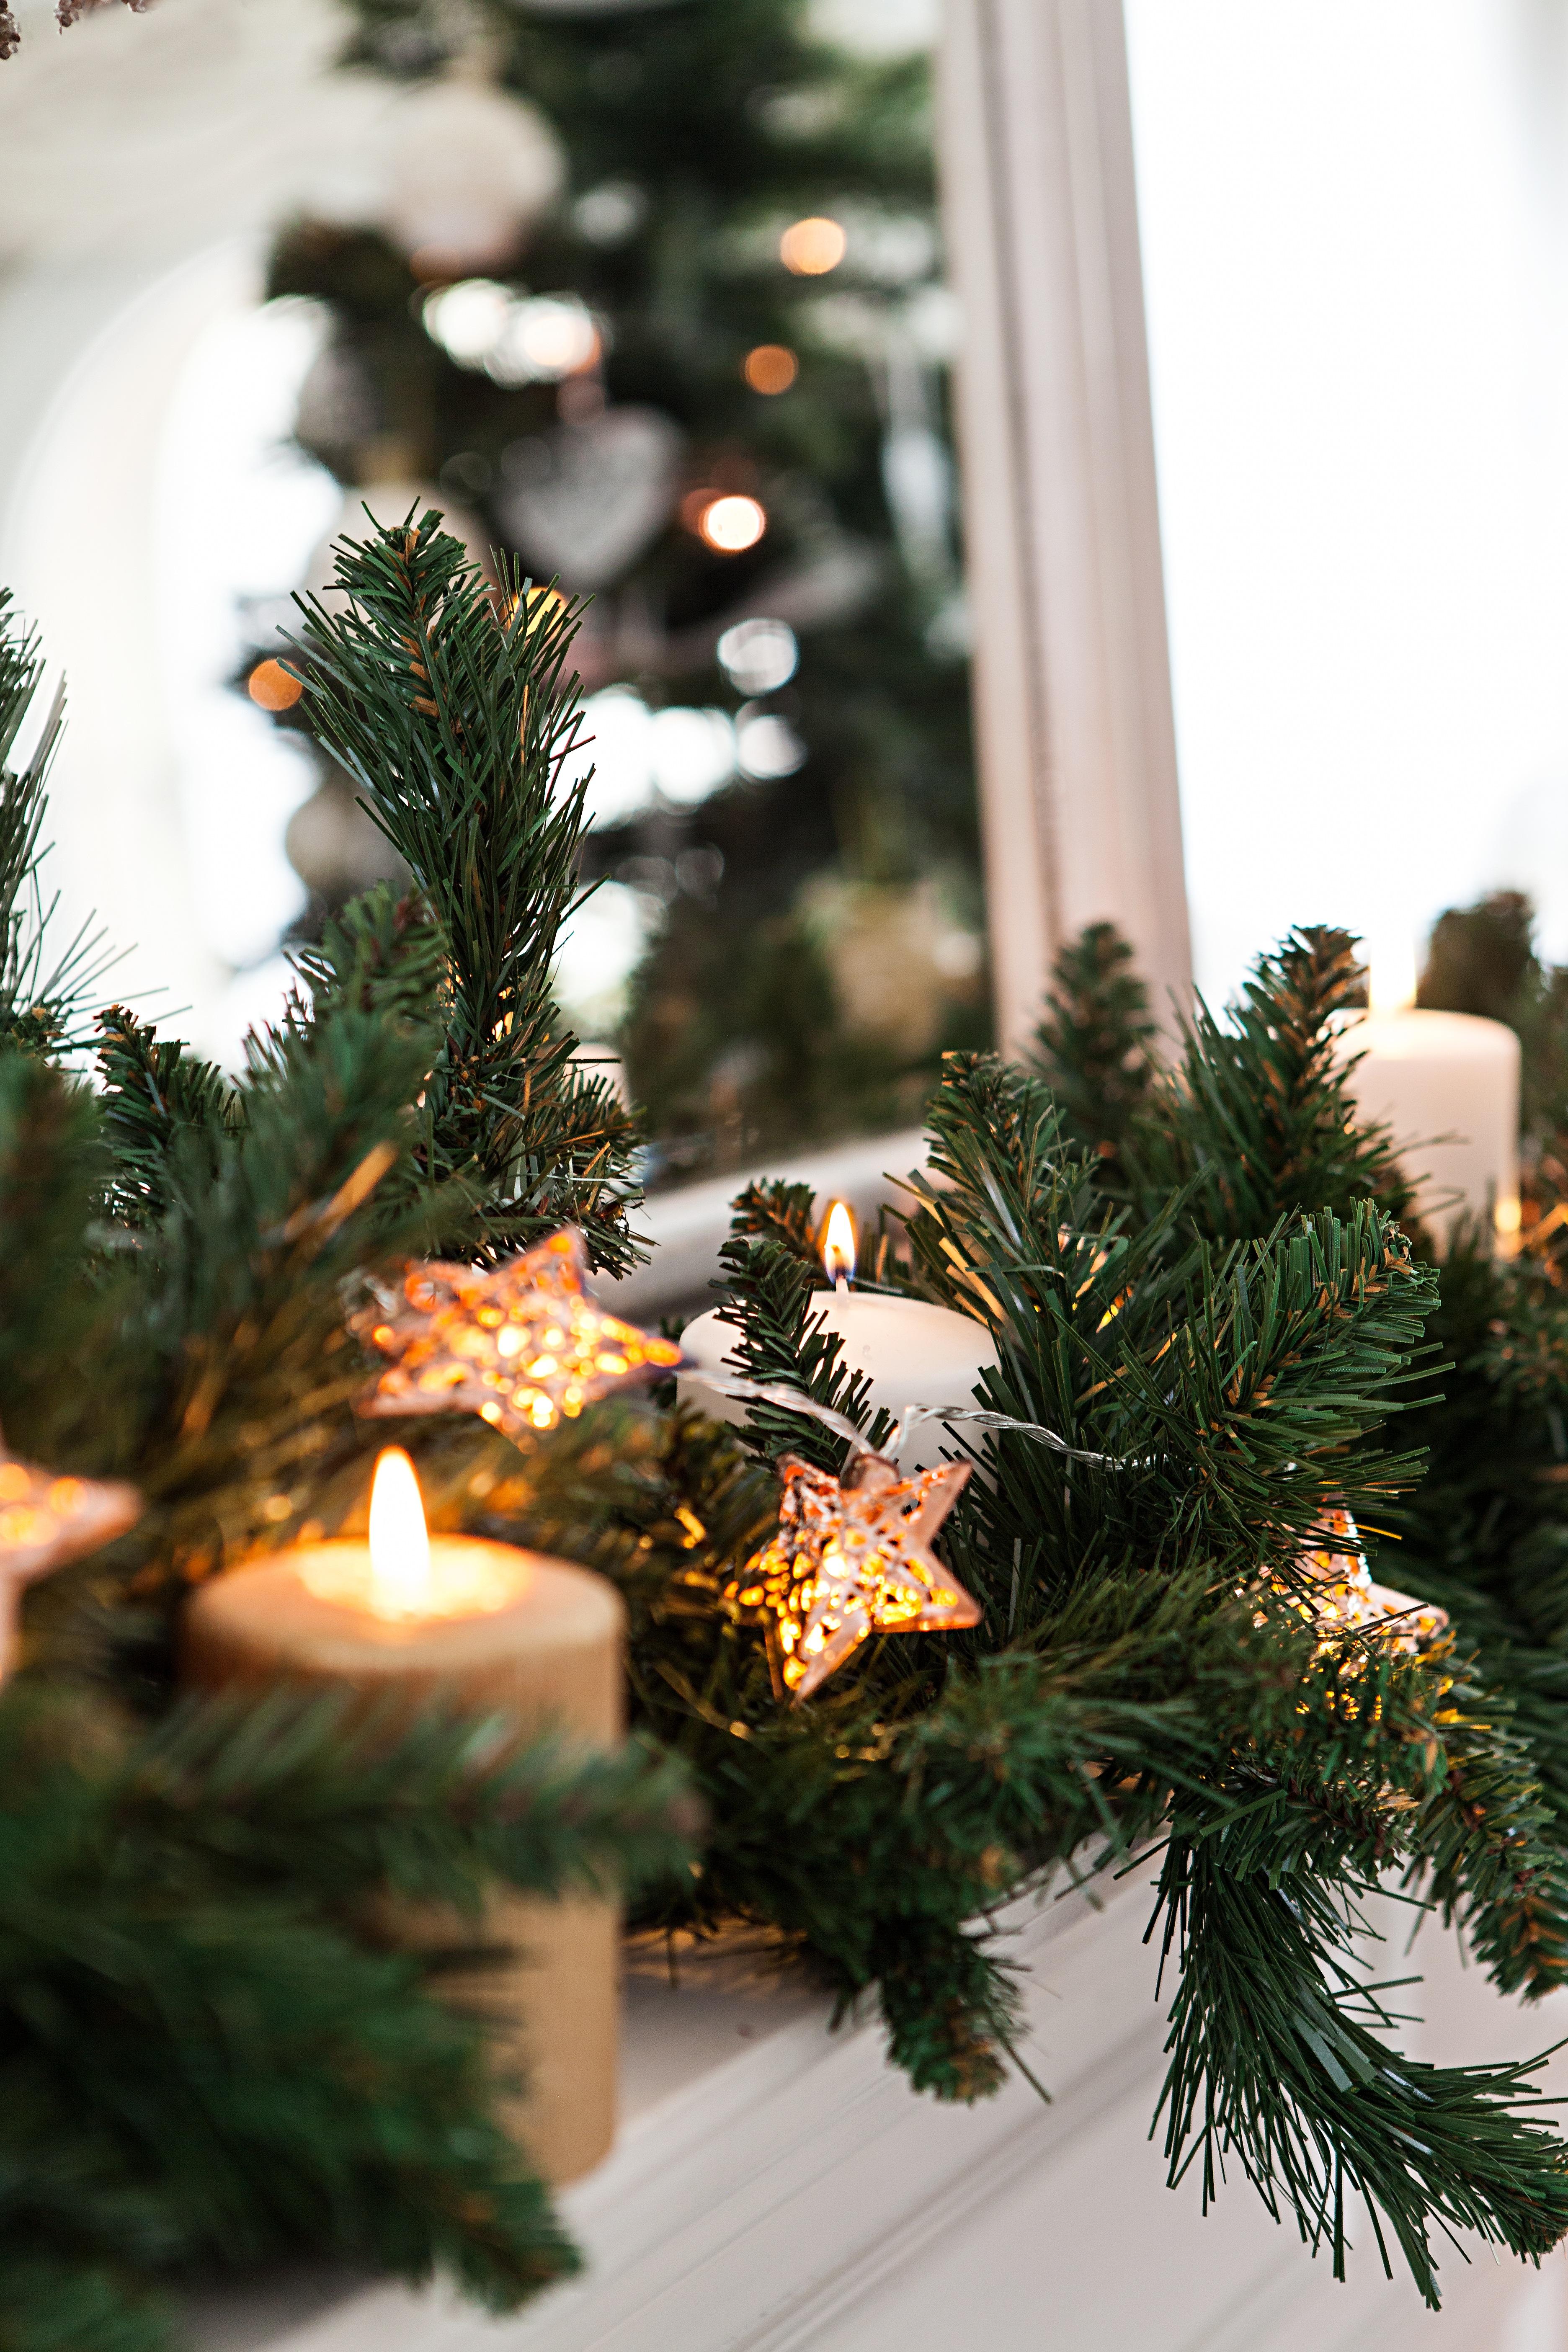 Home Decor Natalizio: Parola All'esperta #C89003 3744 5616 Come Addobbare Una Sala Da Pranzo Per Natale